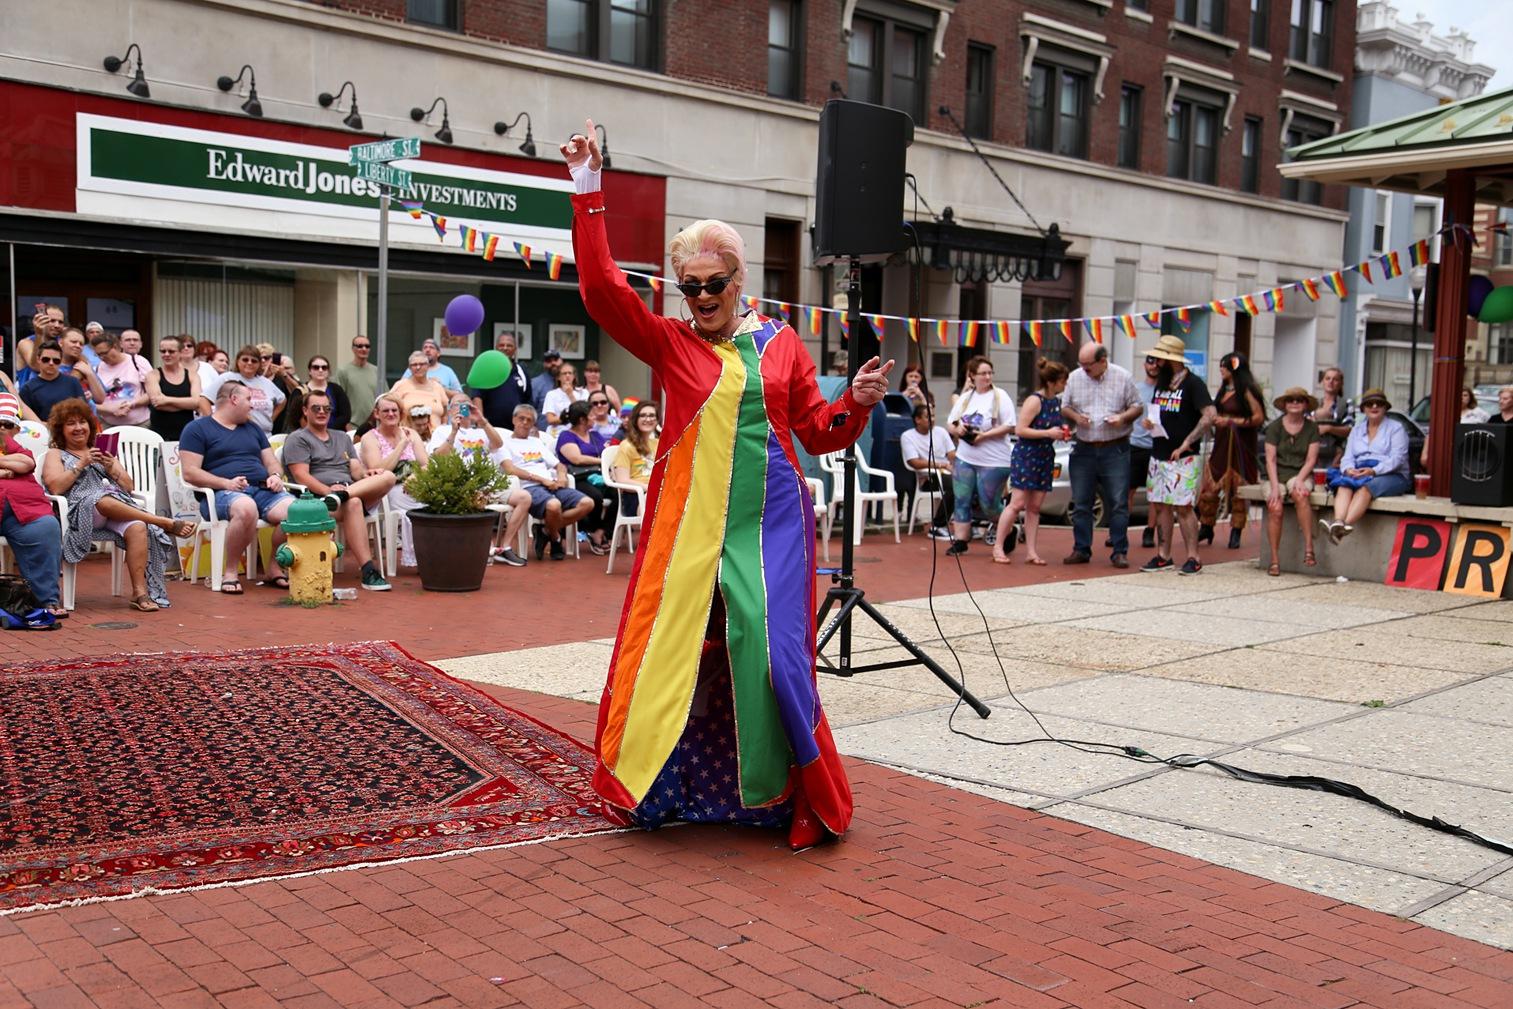 Pride2018_282_family peek.jpg